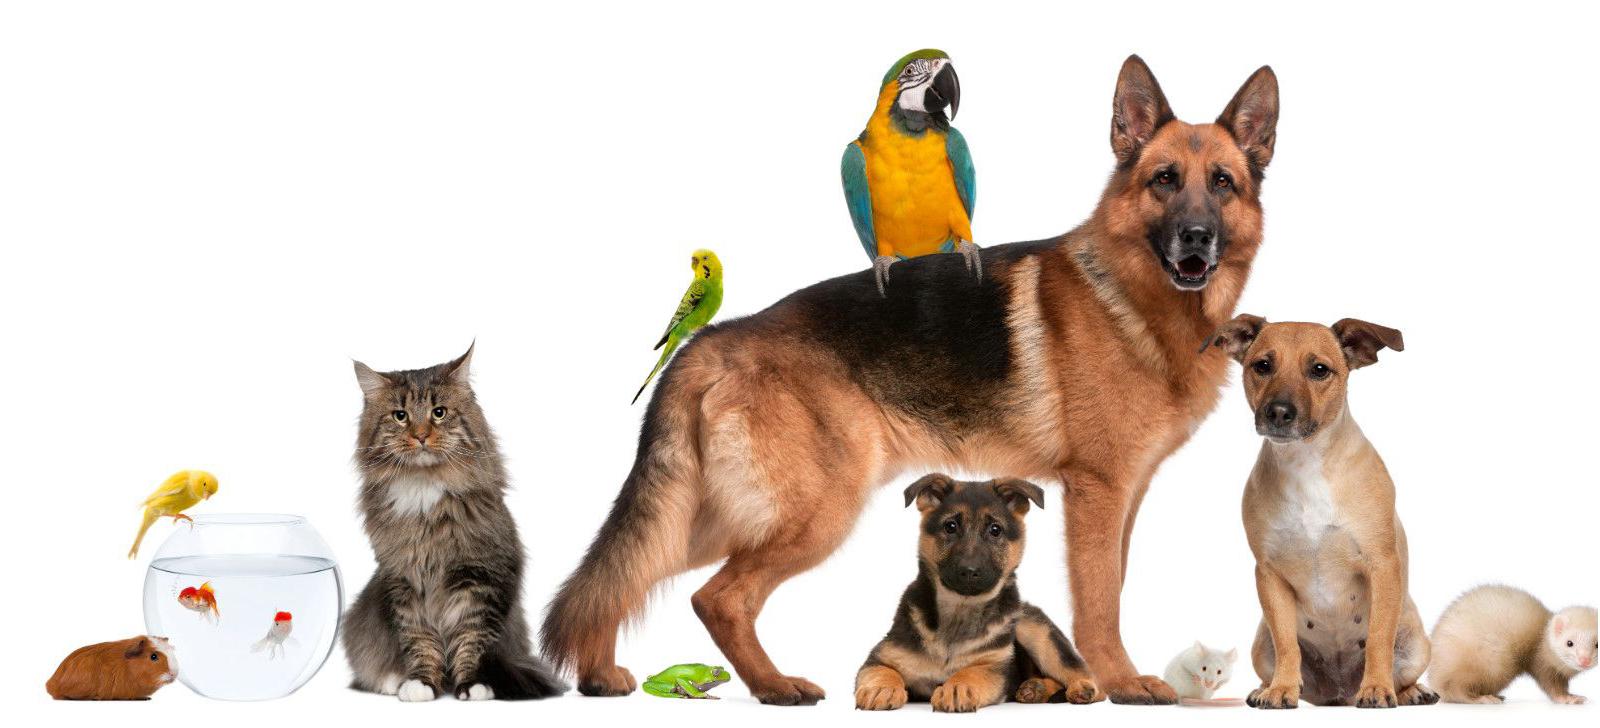 pet shop Leo Animali Polistena